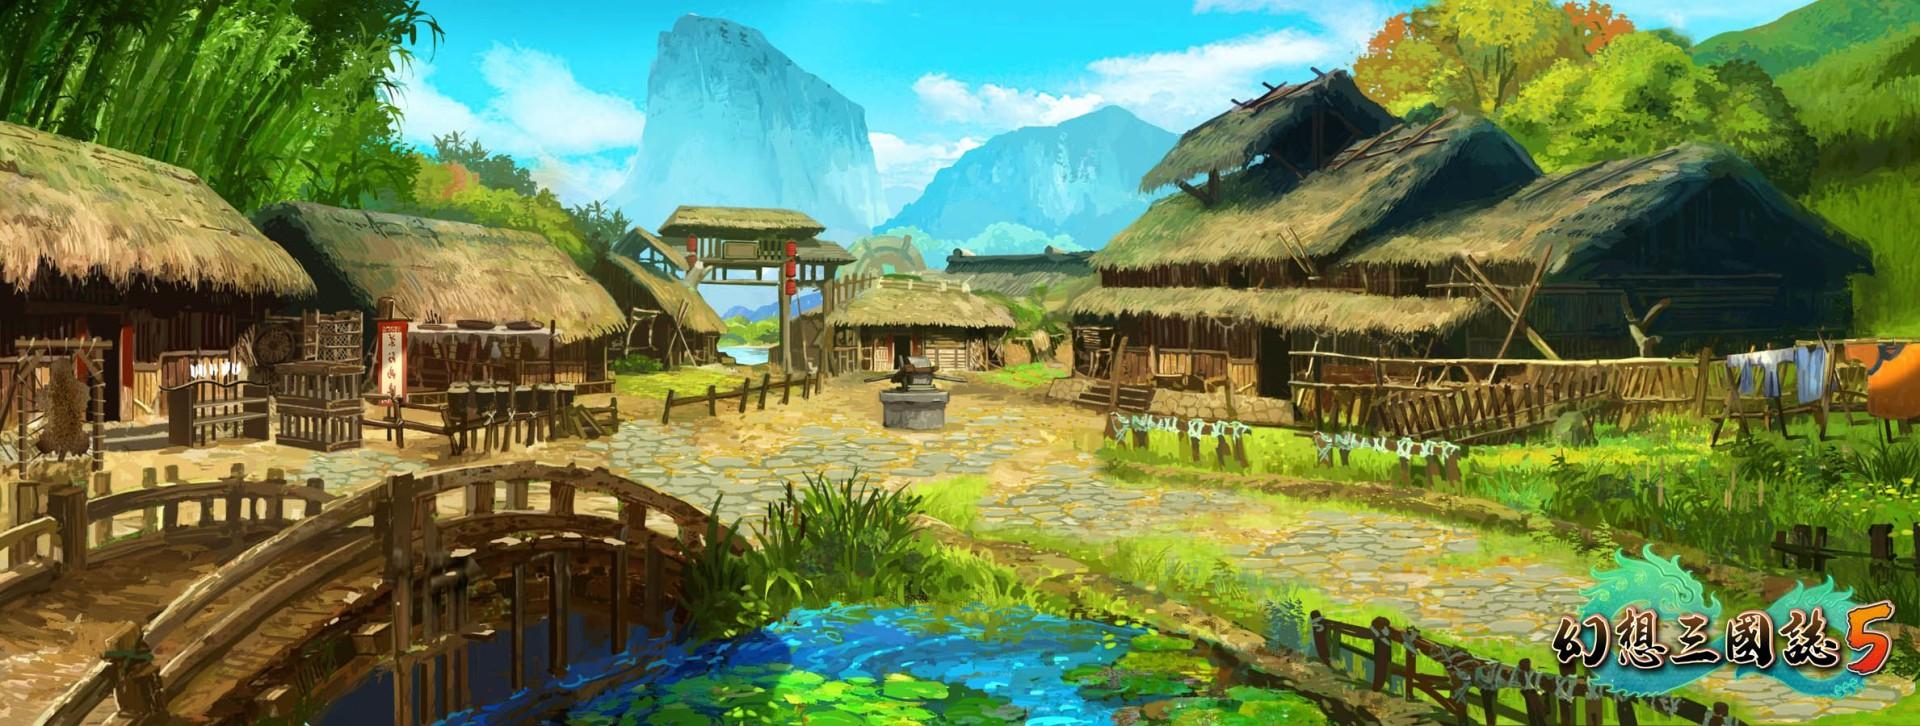 《幻想三国志5》全新2D游戏场景原画首次曝光